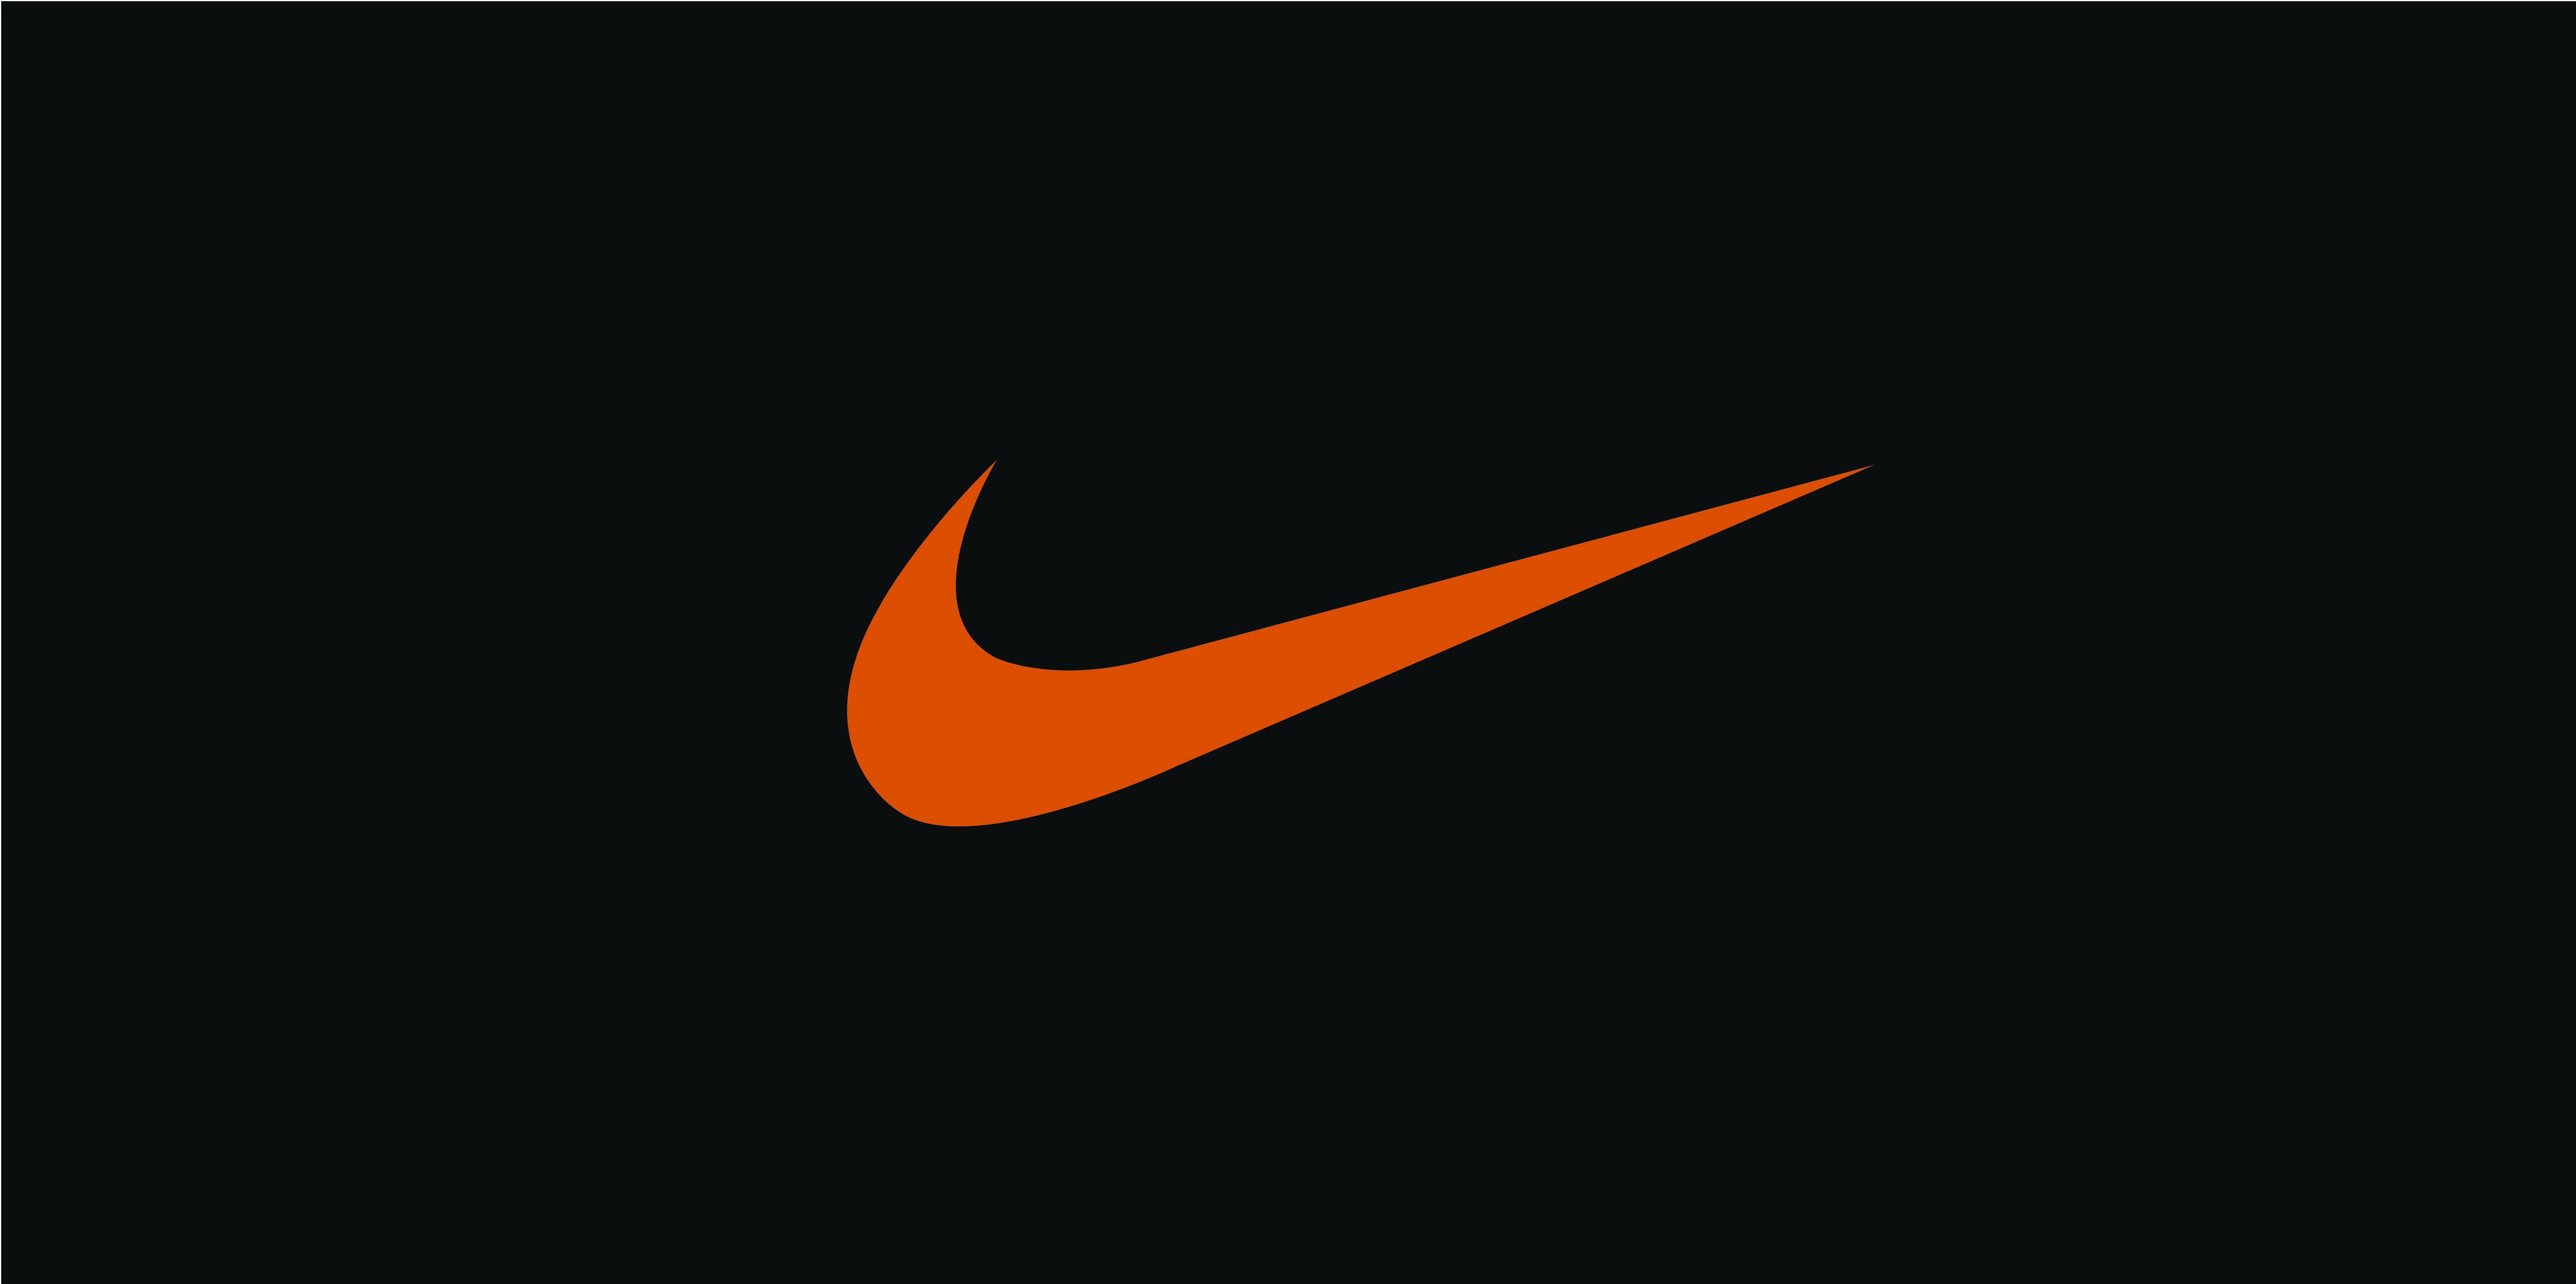 Nike Logo Wallpapers Hd 2017 Free Pixelstalk Net